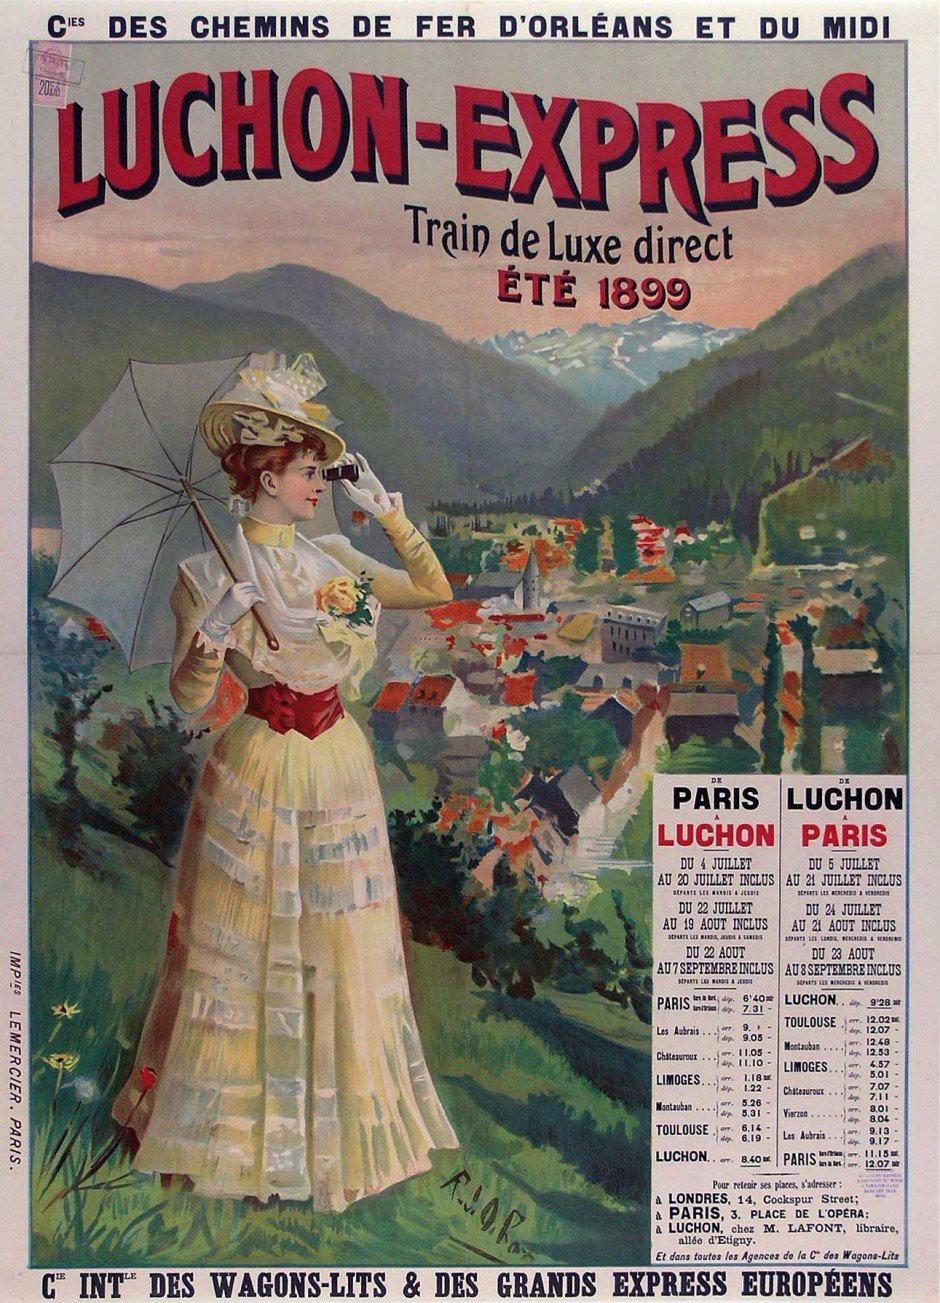 Luchon-Express